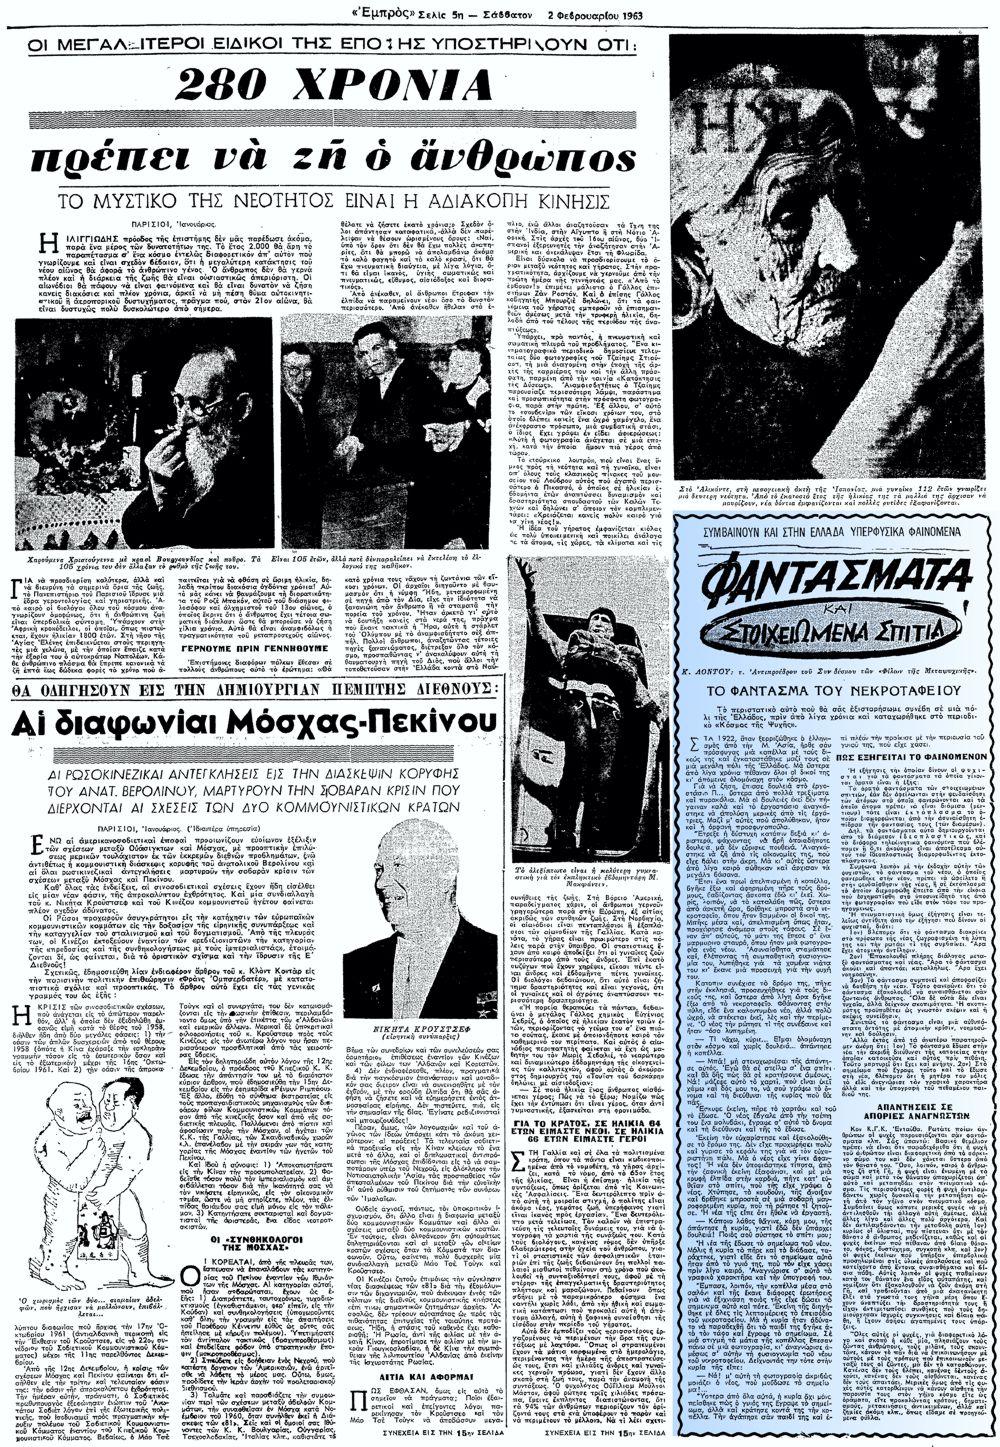 """Το άρθρο, όπως δημοσιεύθηκε στην εφημερίδα """"ΕΜΠΡΟΣ"""", στις 02/02/1963"""